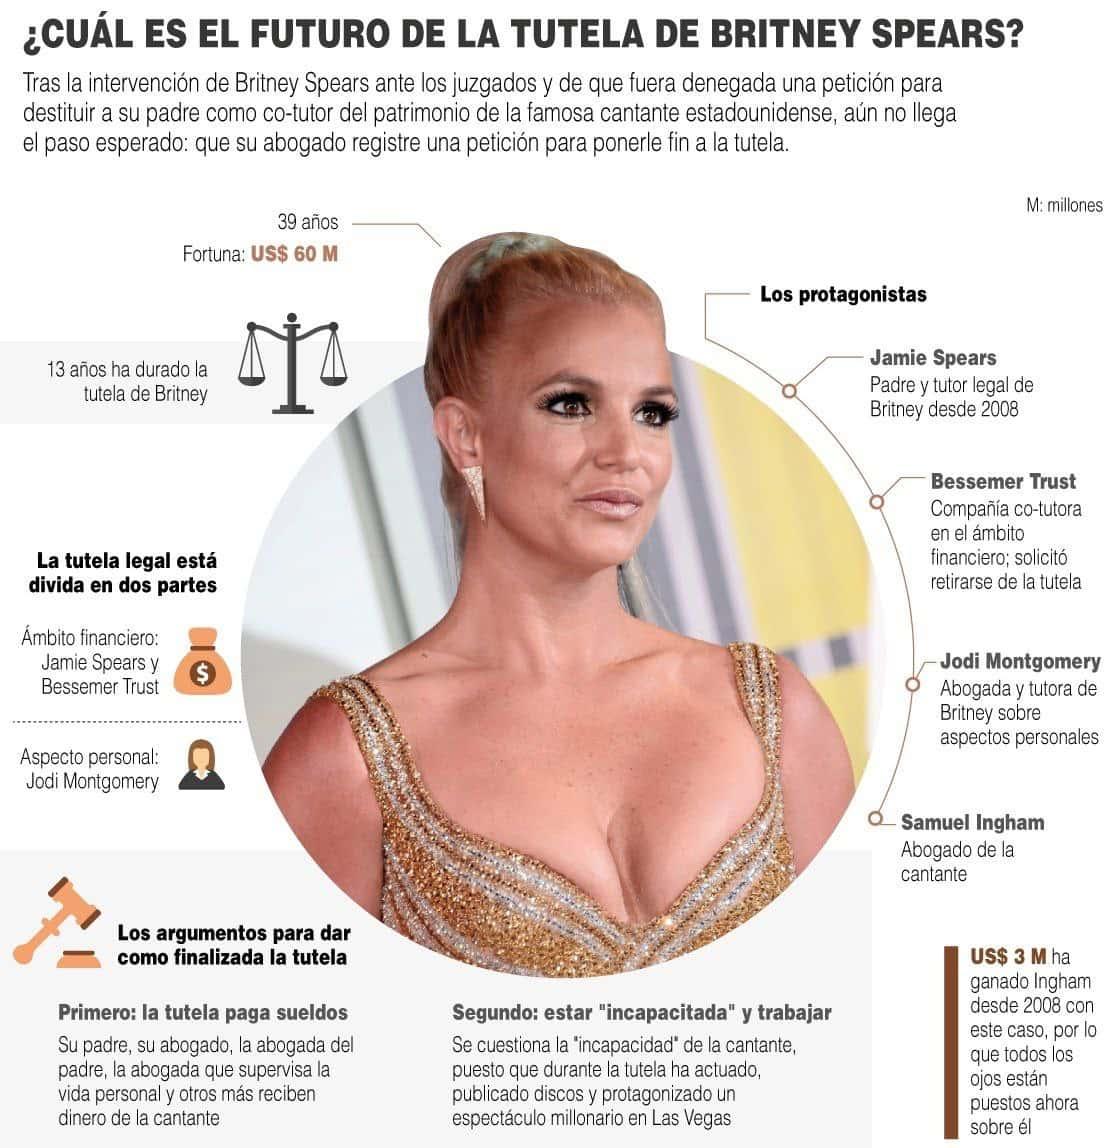 Infografía] ¿Cuál es el futuro de la tutela de Britney Spears? 1